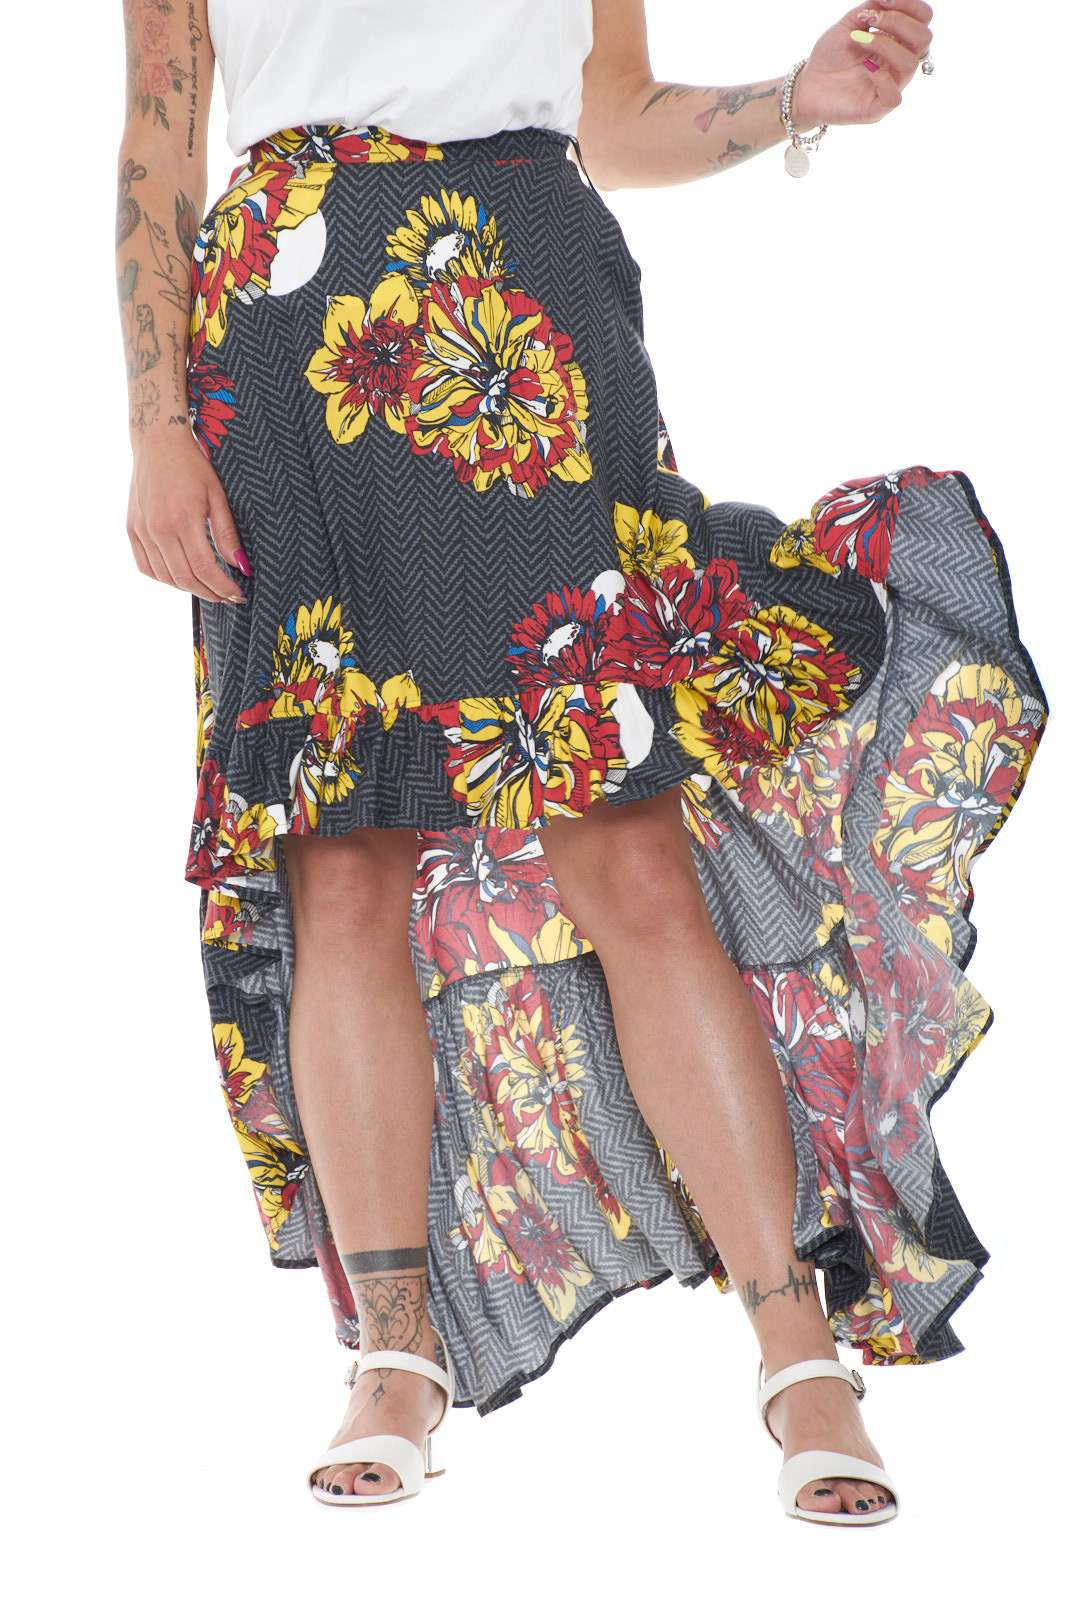 Una gonna femminile e all'avanguardia, proposta da i'm Isola Marras, per la donna che ama sorprendere e variare look. Corta sul davanti, e più lunga dietro, viene impreziosita anche da balze applicate, e una vivace fantasia floreale, per un tocco fashion e unico a qualsiasi outfit.